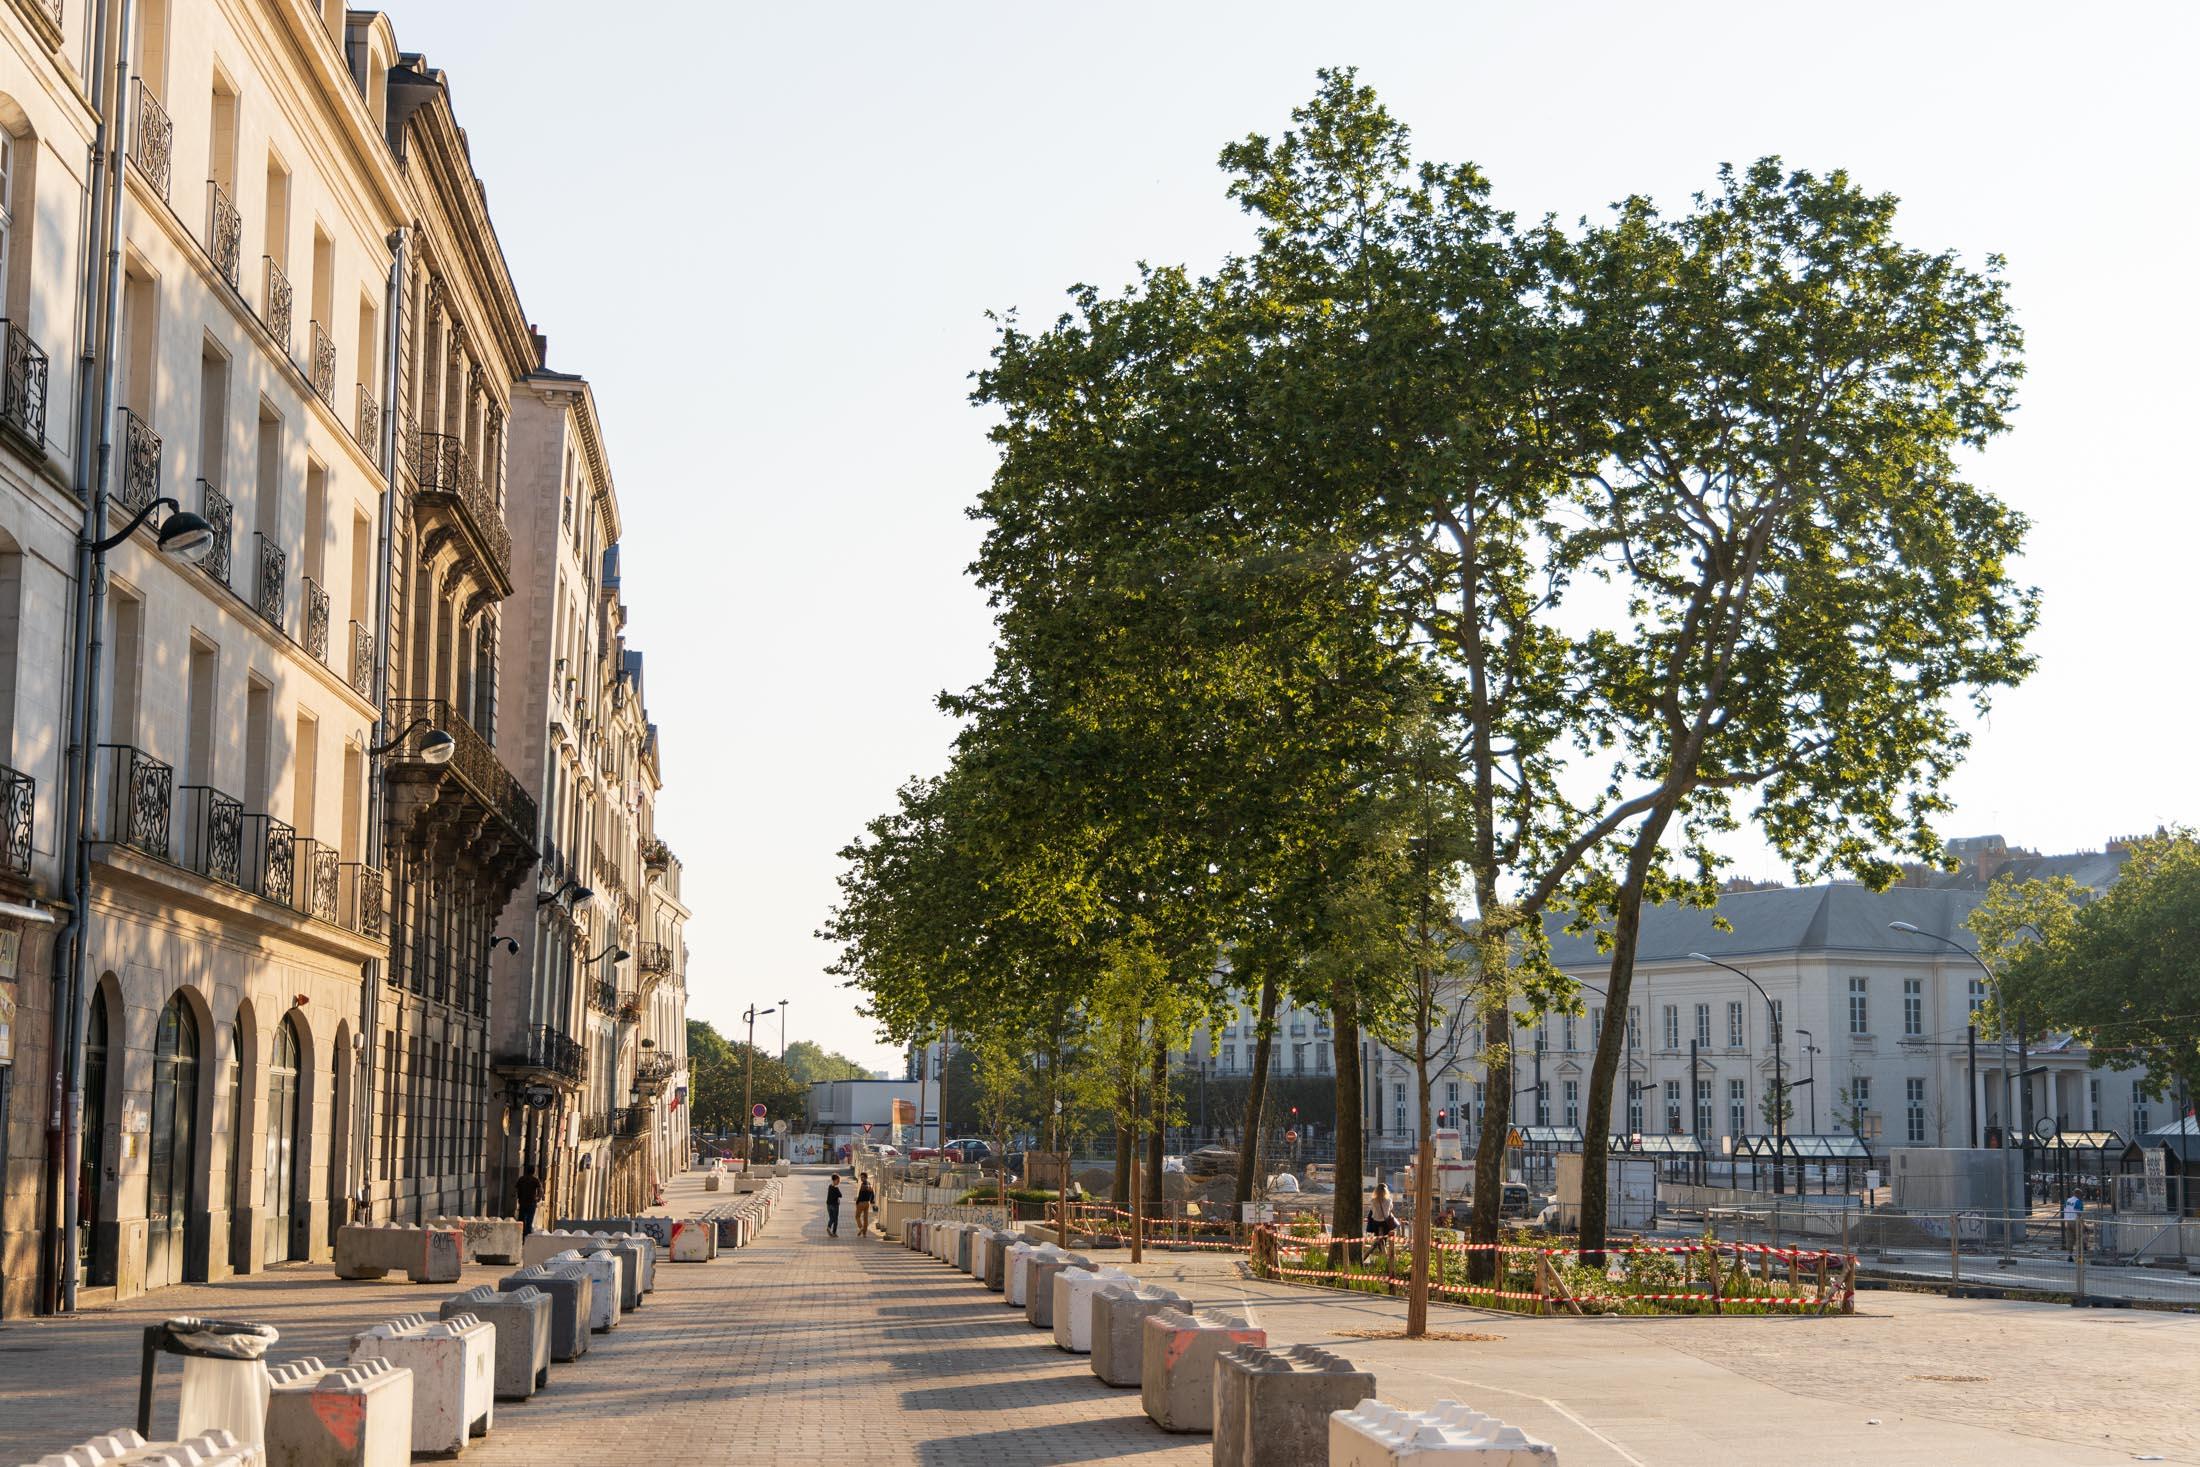 Nantes town center is empty. Nantes, France - April 24th 2020.Le centre-ville de Nantes est vide. Nantes, France - 24 avril 2020.